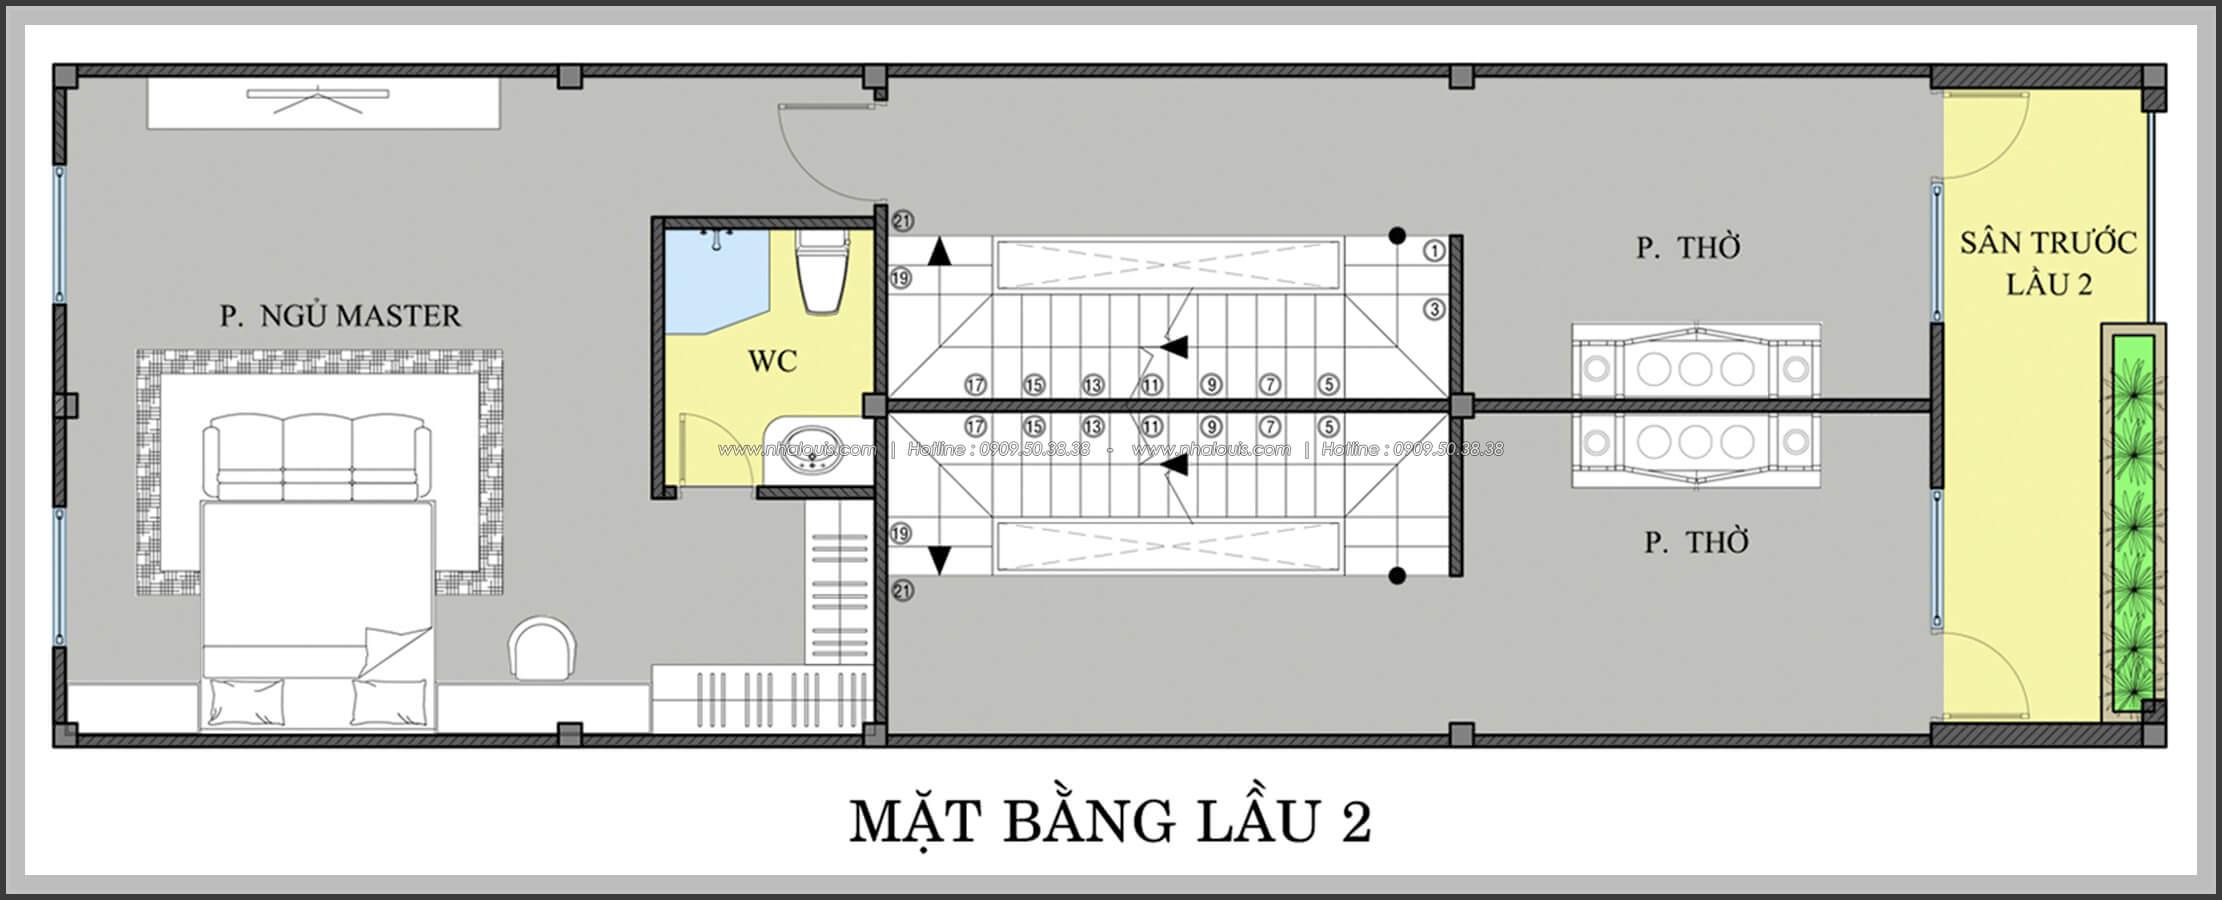 Mằng bằng lầu 2 Thiết kế nhà mặt tiền 6m tại Quận Bình Tân - 28